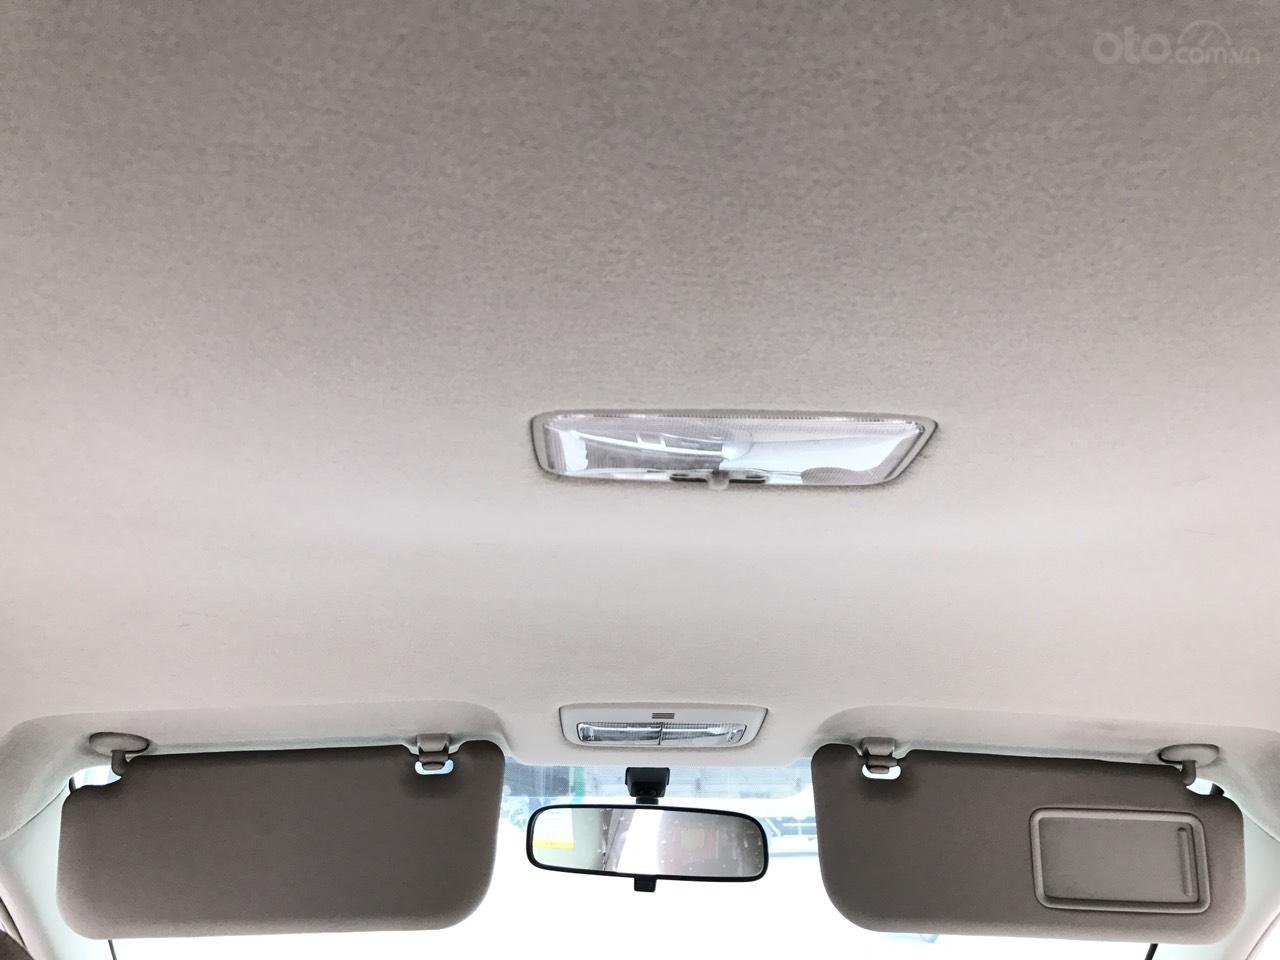 Bán ô tô Toyota Corolla Altis 1.8G năm sản xuất 2009, màu nâu Cafe, 1 chủ biển 4 số mới (22)